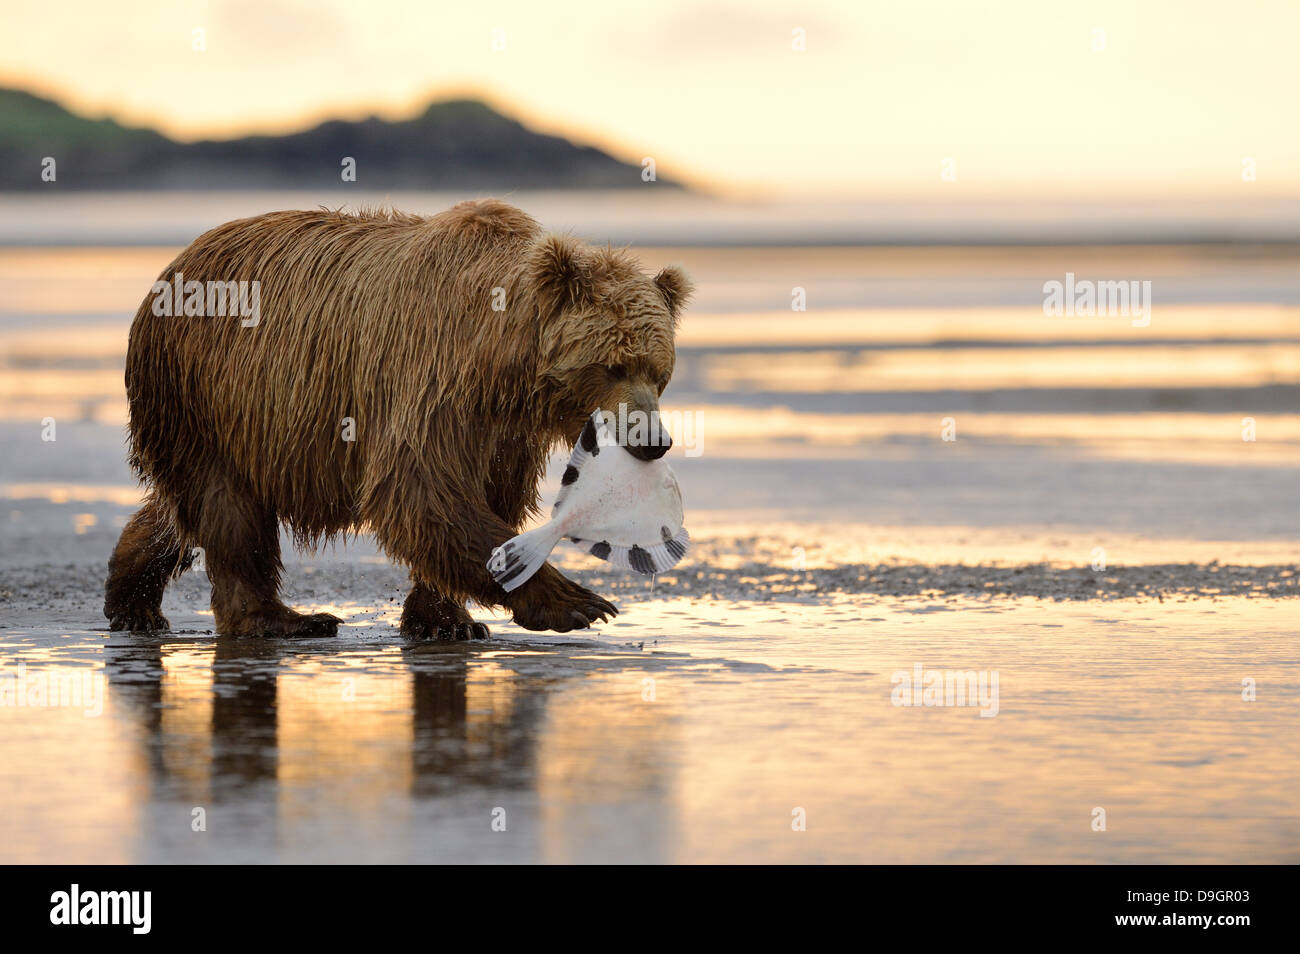 Orso grizzly a piedi con pesce pescato in bocca Immagini Stock